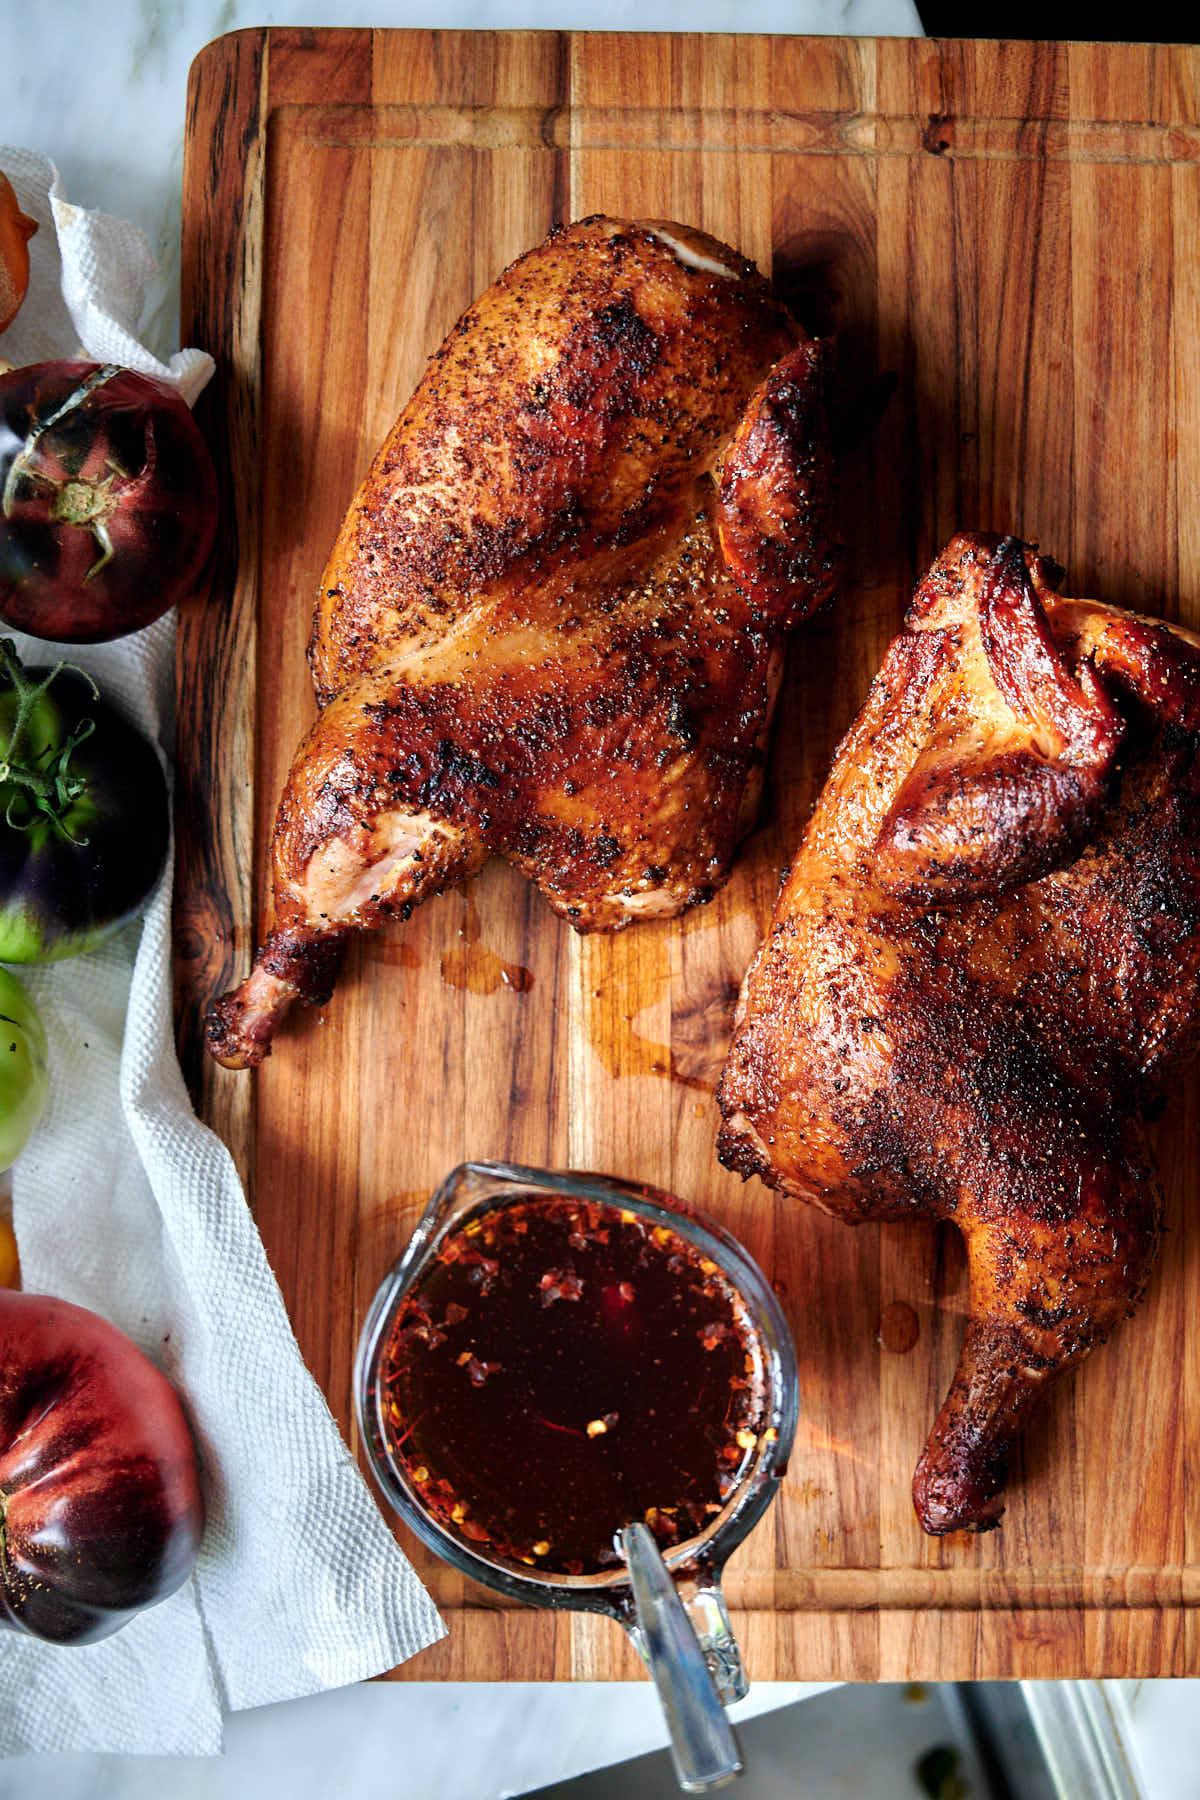 Smoked chicken halves served with apple cider vinegar sauce.